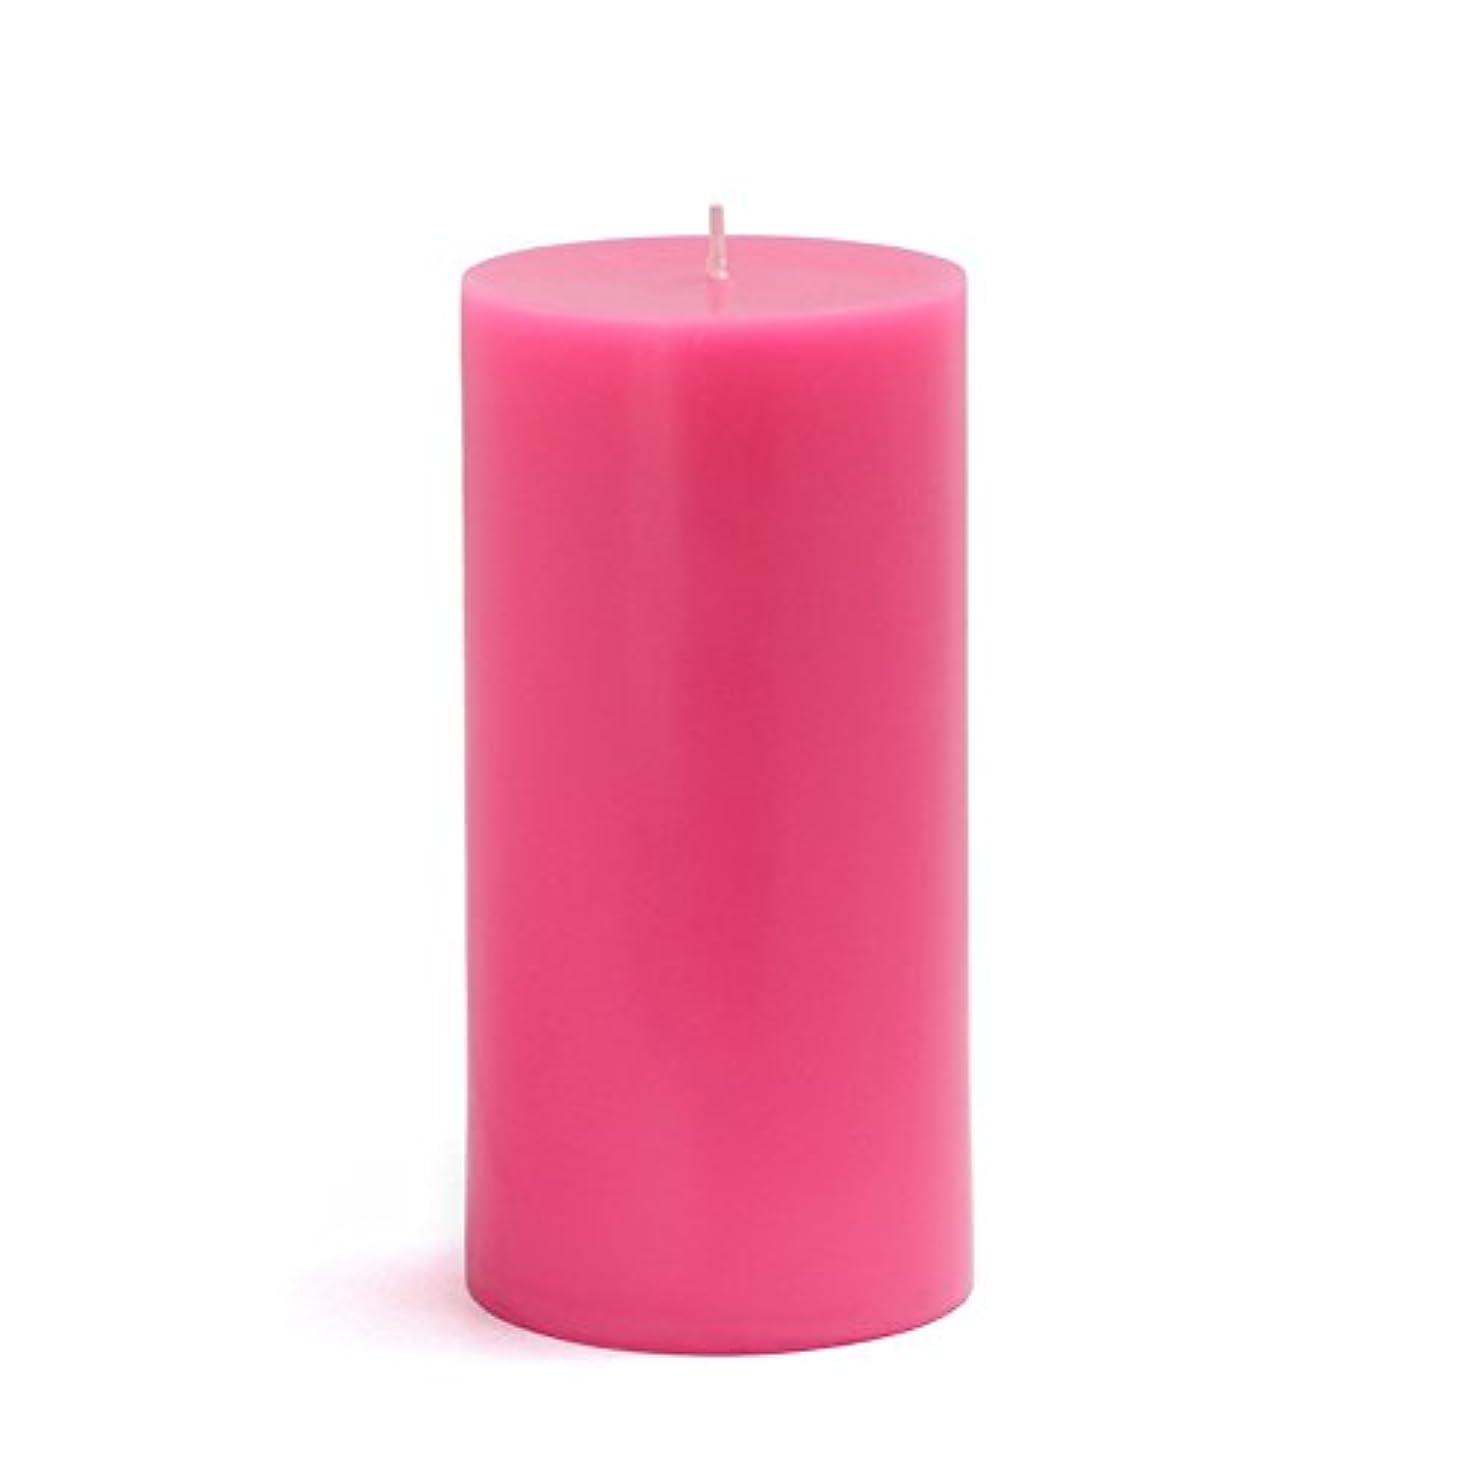 傾くウサギスリッパZest Candle CPZ-084-12 3 x 6 in. Hot Pink Pillar Candles-12pcs-Case - Bulk